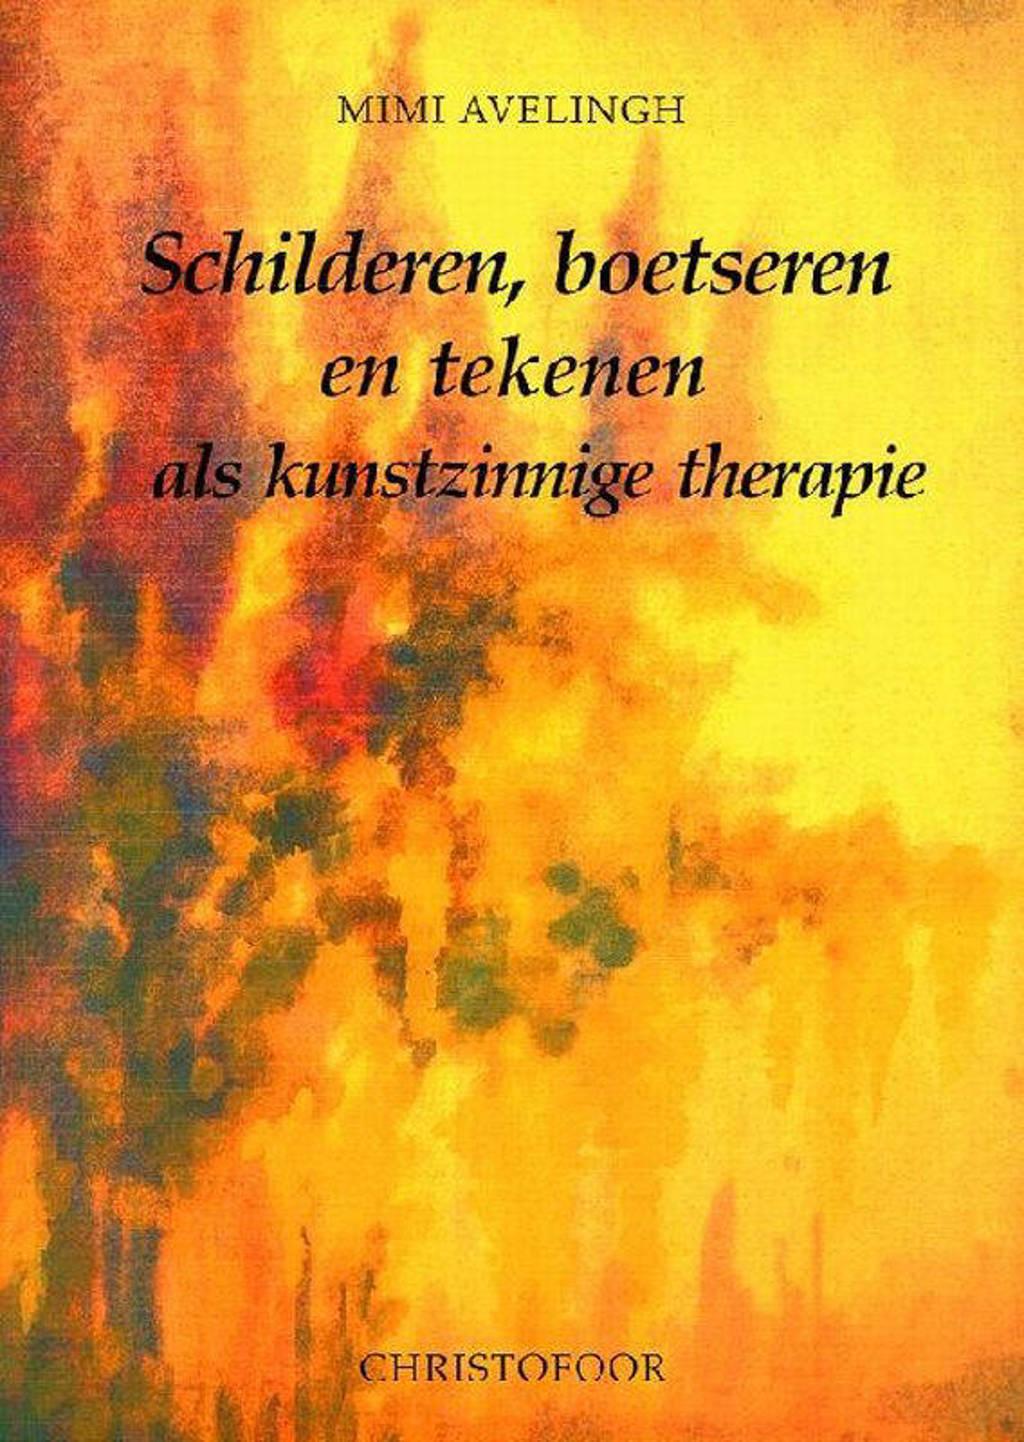 Schilderen, boetseren en tekenen als kunstzinnige therapie - M. Avelingh